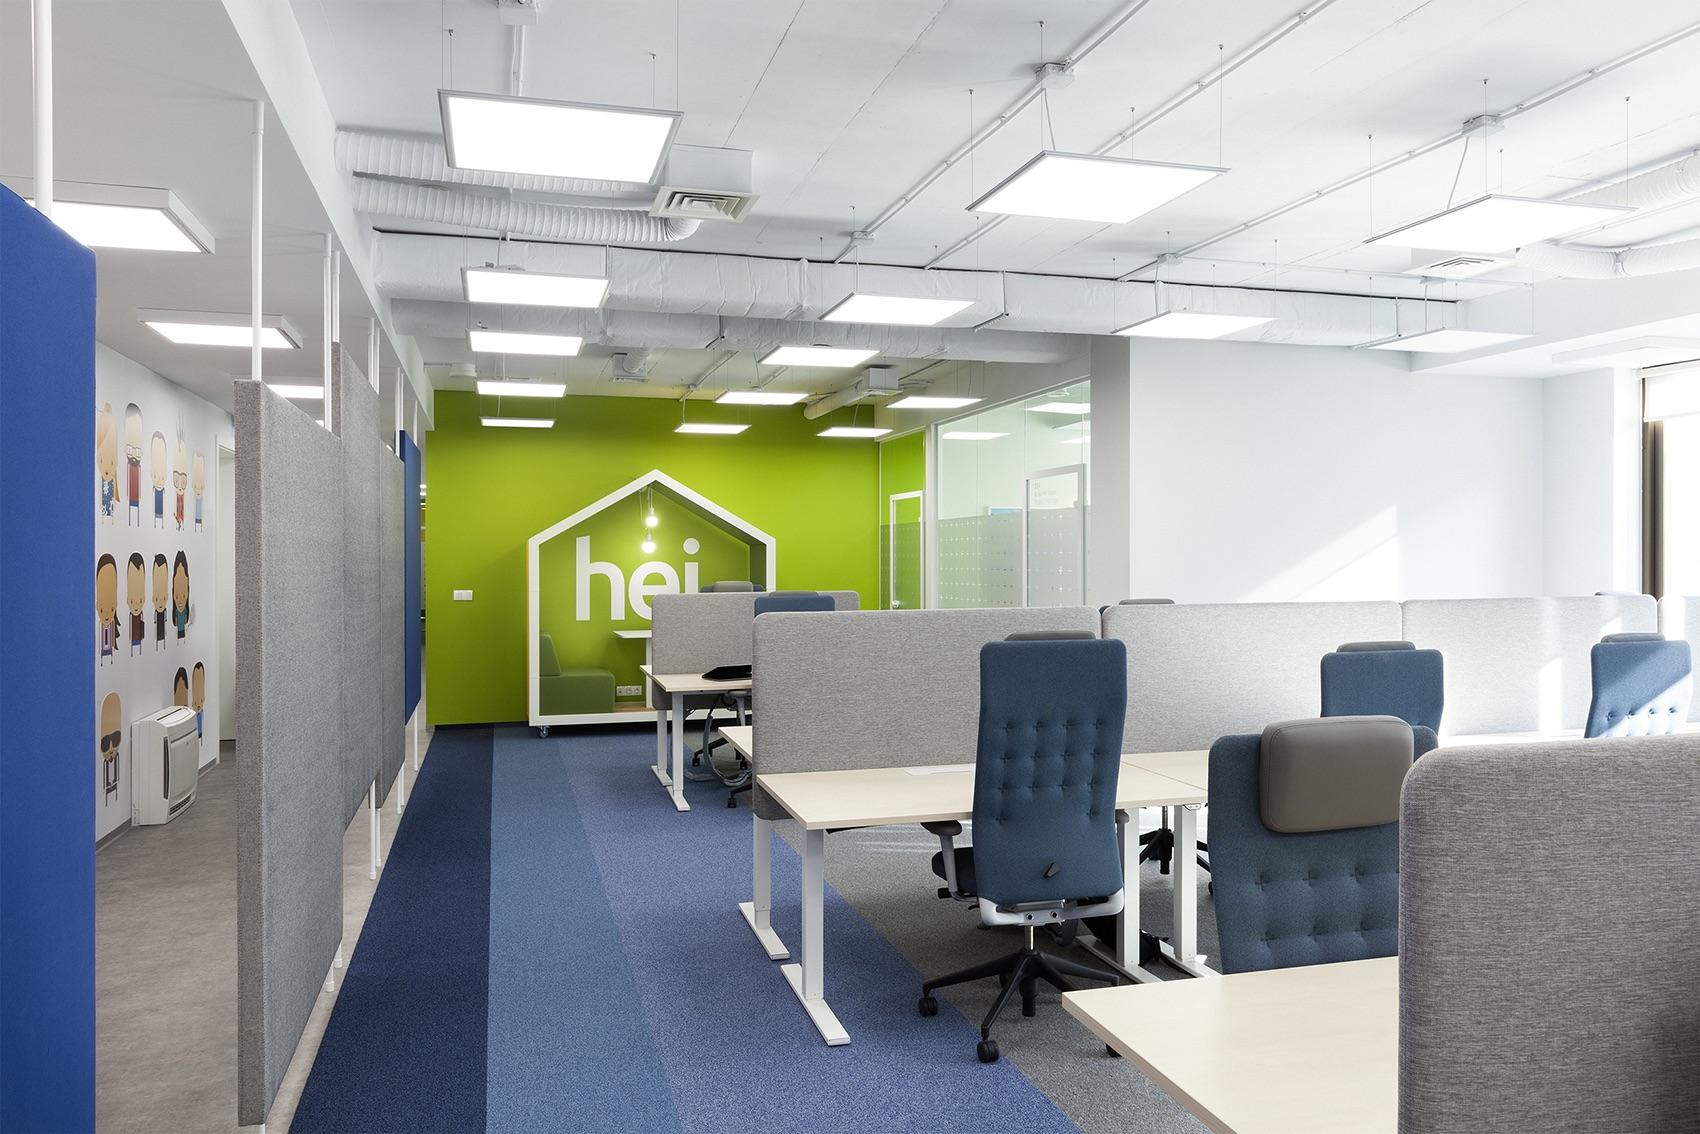 cache-atelier-interior-design-office-space-accedia-bulgaria-sofia_01